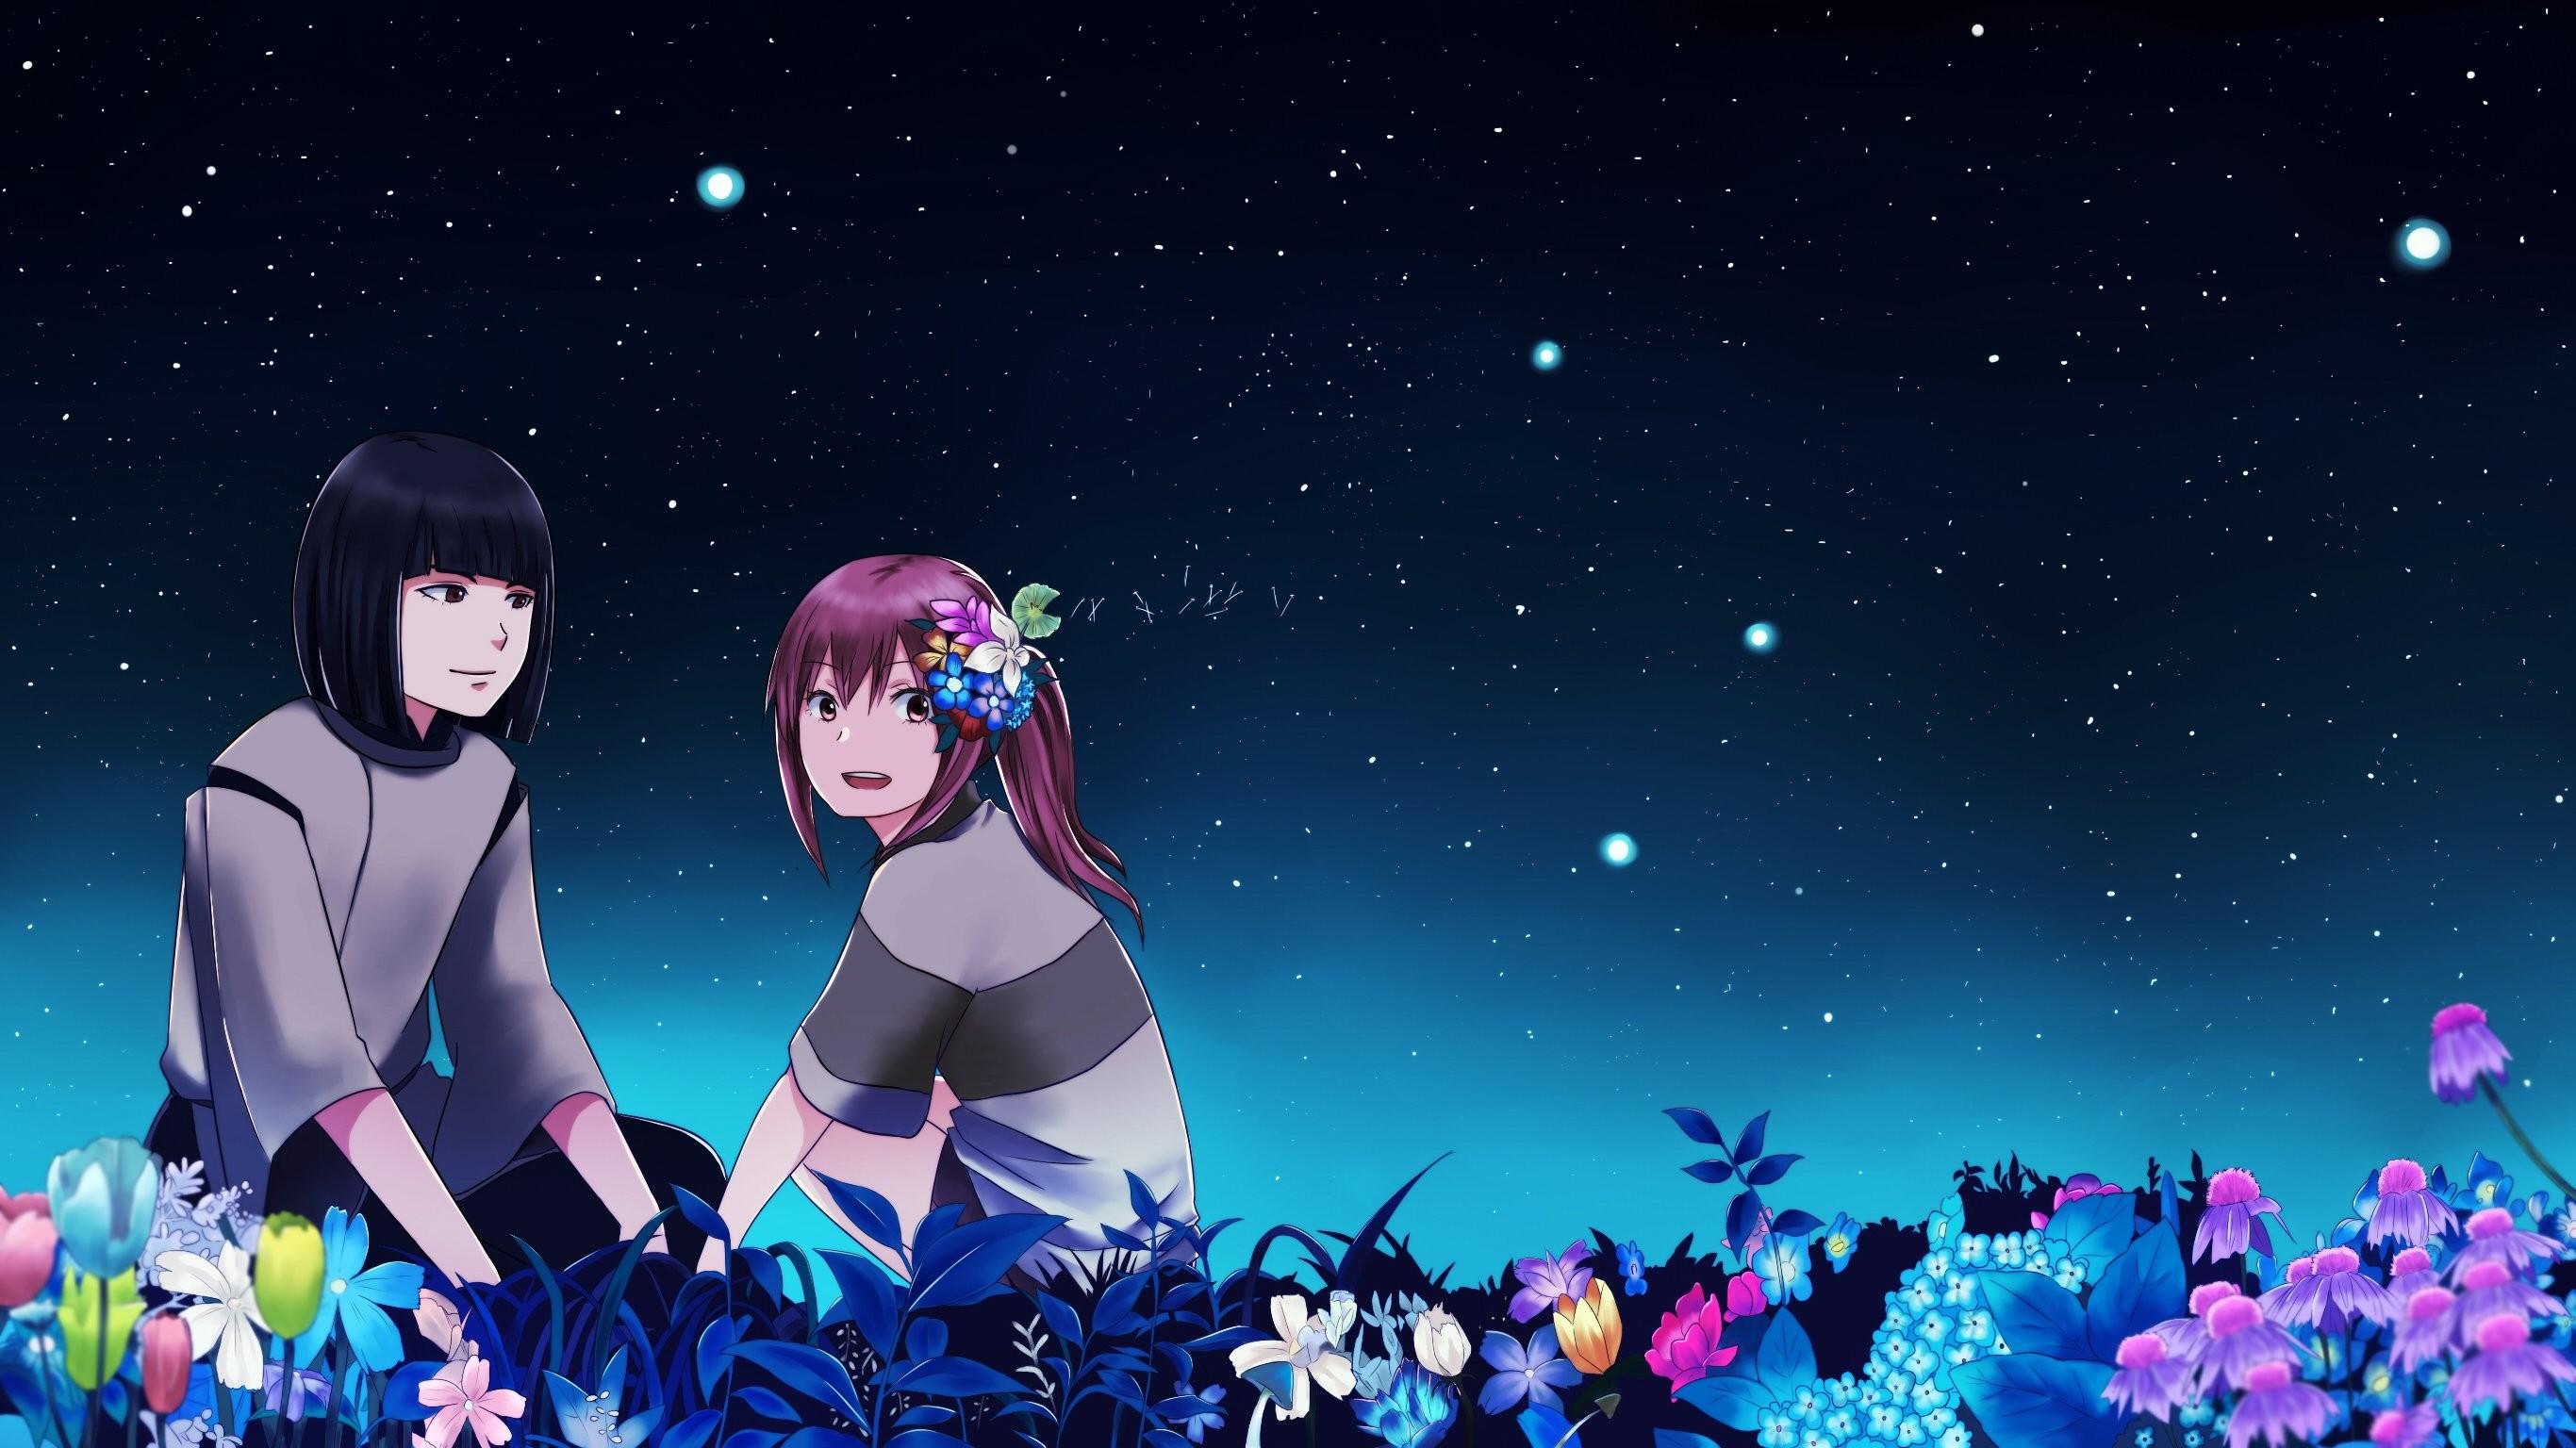 Flowers haku night ogino chihiro spirited away stars wallpaper |  | 508711 | WallpaperUP